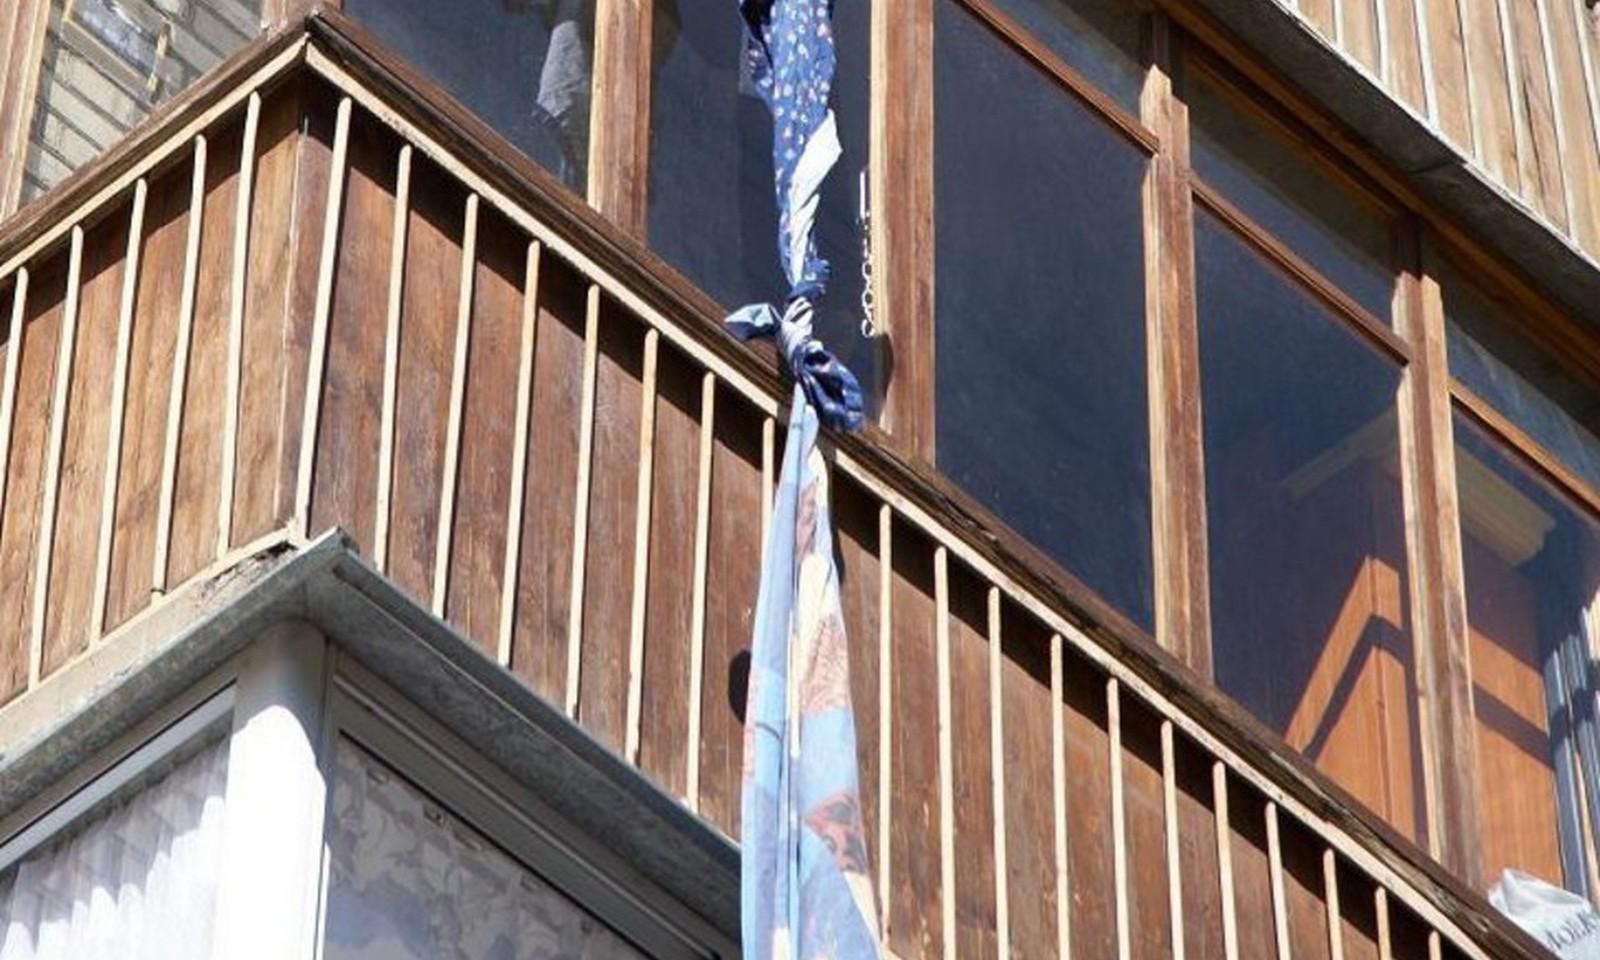 Житель Йошкар-Олы разбился насмерть, спускаясь с пятого этажа по самодельному канату